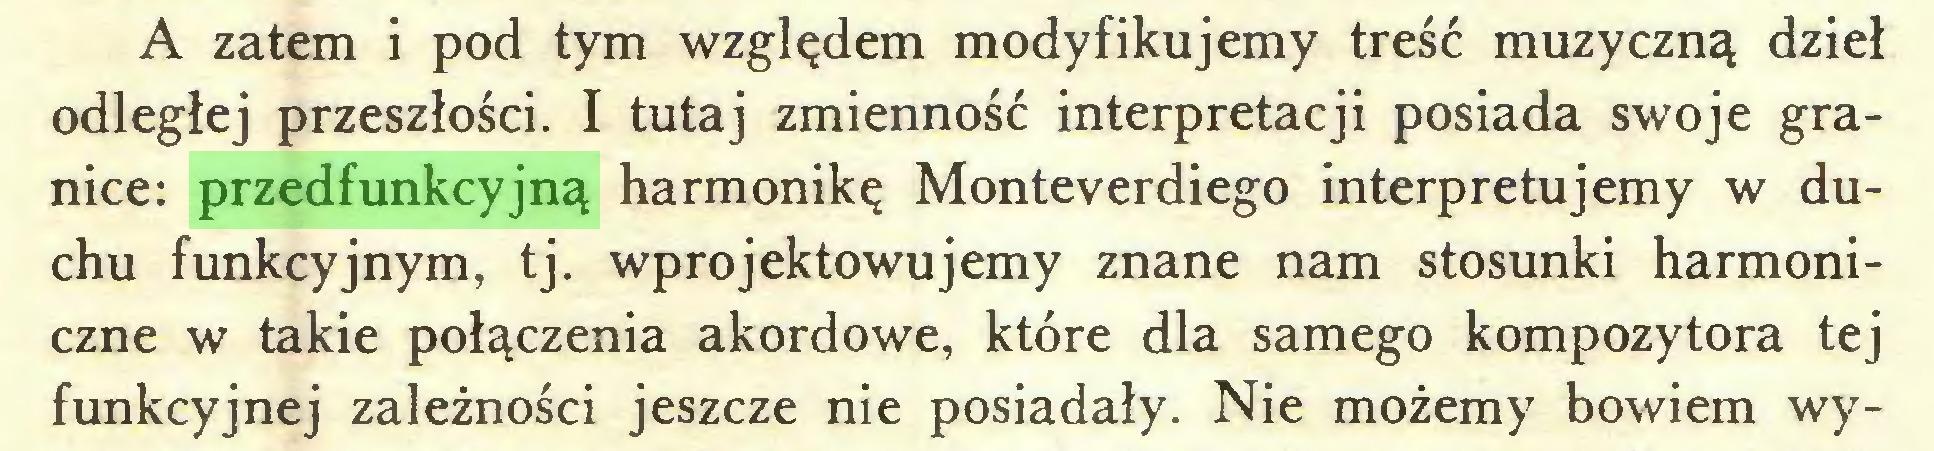 (...) A zatem i pod tym względem modyfikujemy treść muzyczną dzieł odległej przeszłości. I tutaj zmienność interpretacji posiada swoje granice: przedfunkcyjną harmonikę Monteverdiego interpretujemy w duchu funkcyjnym, tj. wprojektowujemy znane nam stosunki harmoniczne w takie połączenia akordowe, które dla samego kompozytora tej funkcyjnej zależności jeszcze nie posiadały. Nie możemy bowiem wy...